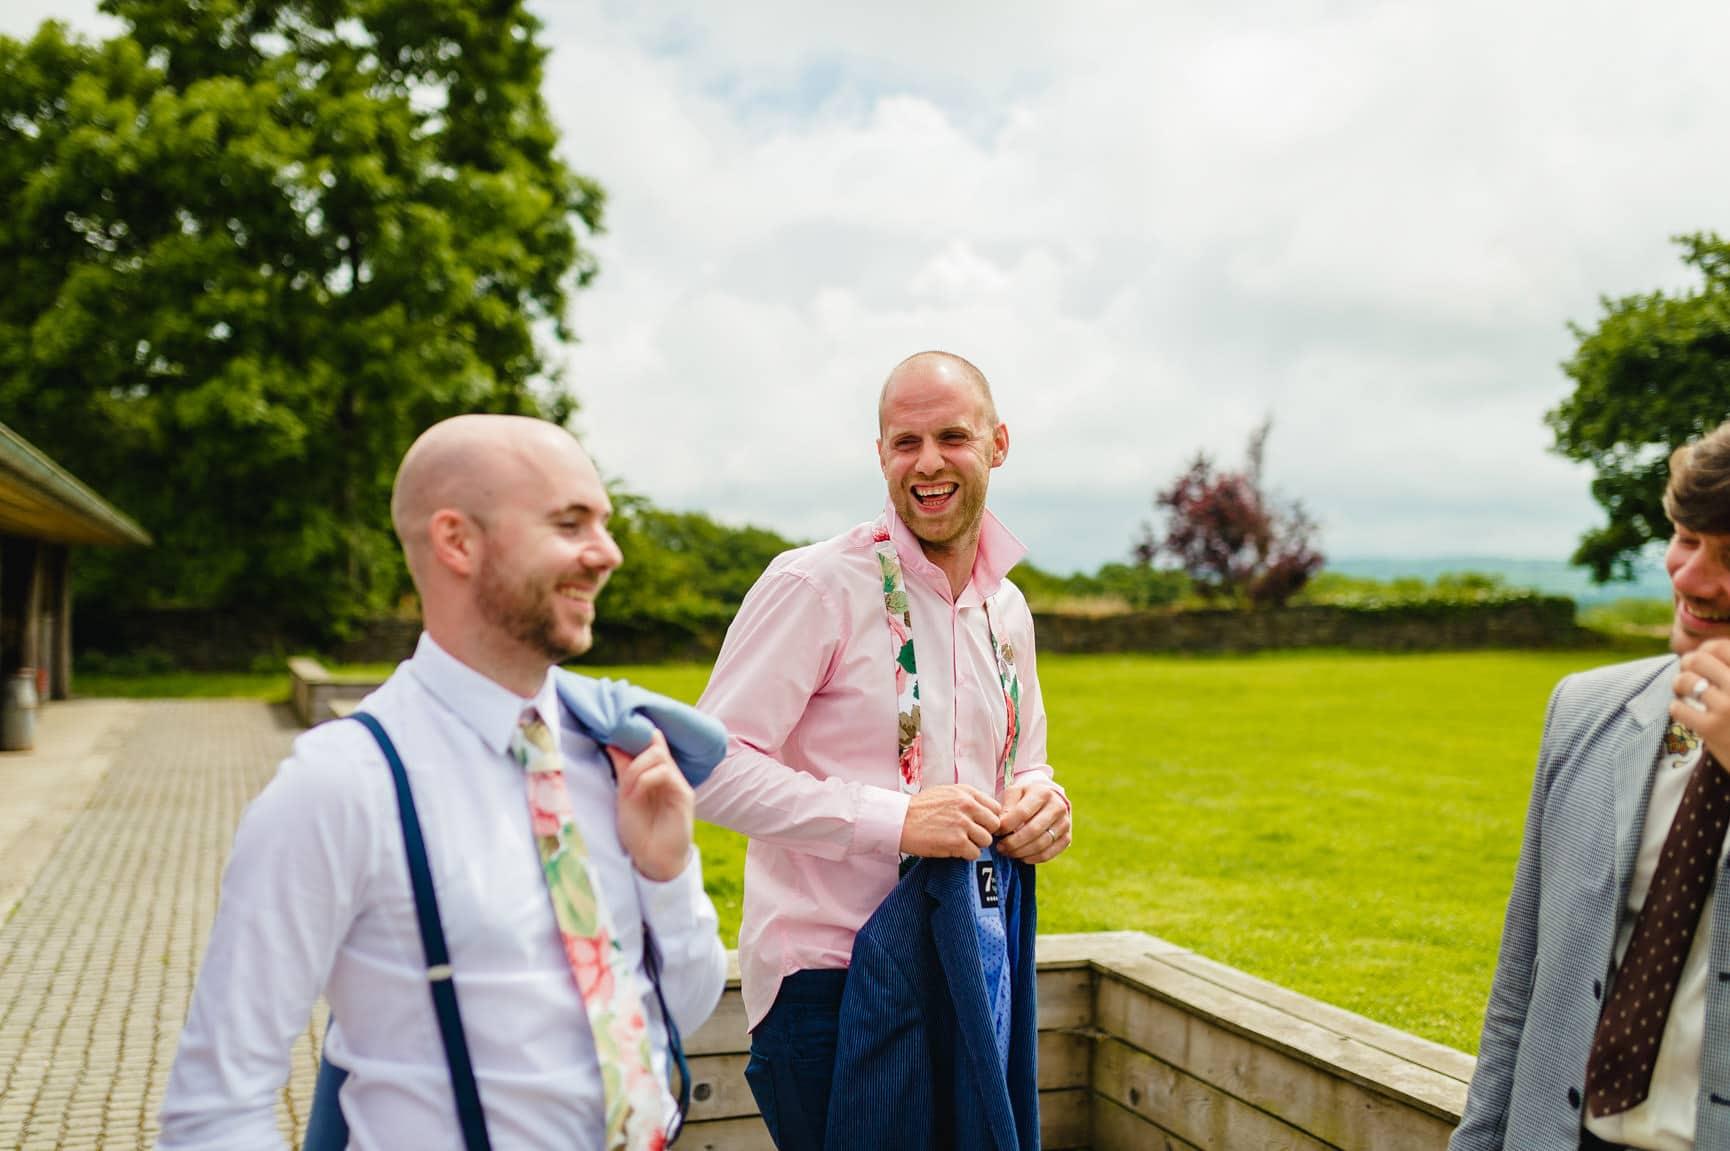 Fforest Wedding, Cardigan, Wales - Lauren and Gareth 3